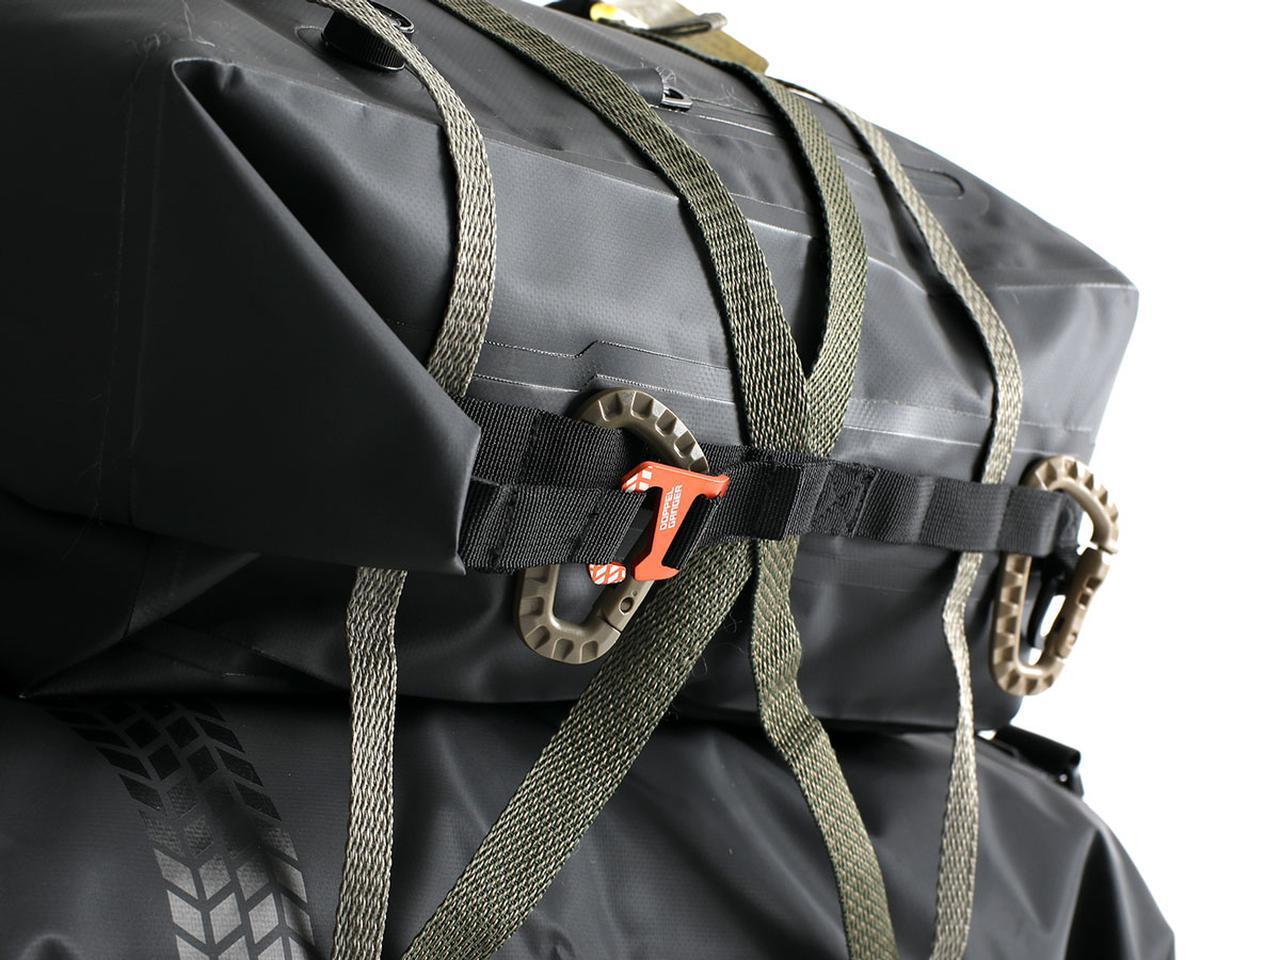 画像: 7つのループを持ったデイジーチェーンをバッグの両側面に配置。シートバッグとして積載する際に固定しやすくし、他の荷物との連結もサポート。自由度の高いパッキングができます。 ※ツーリングコードは付属しません。